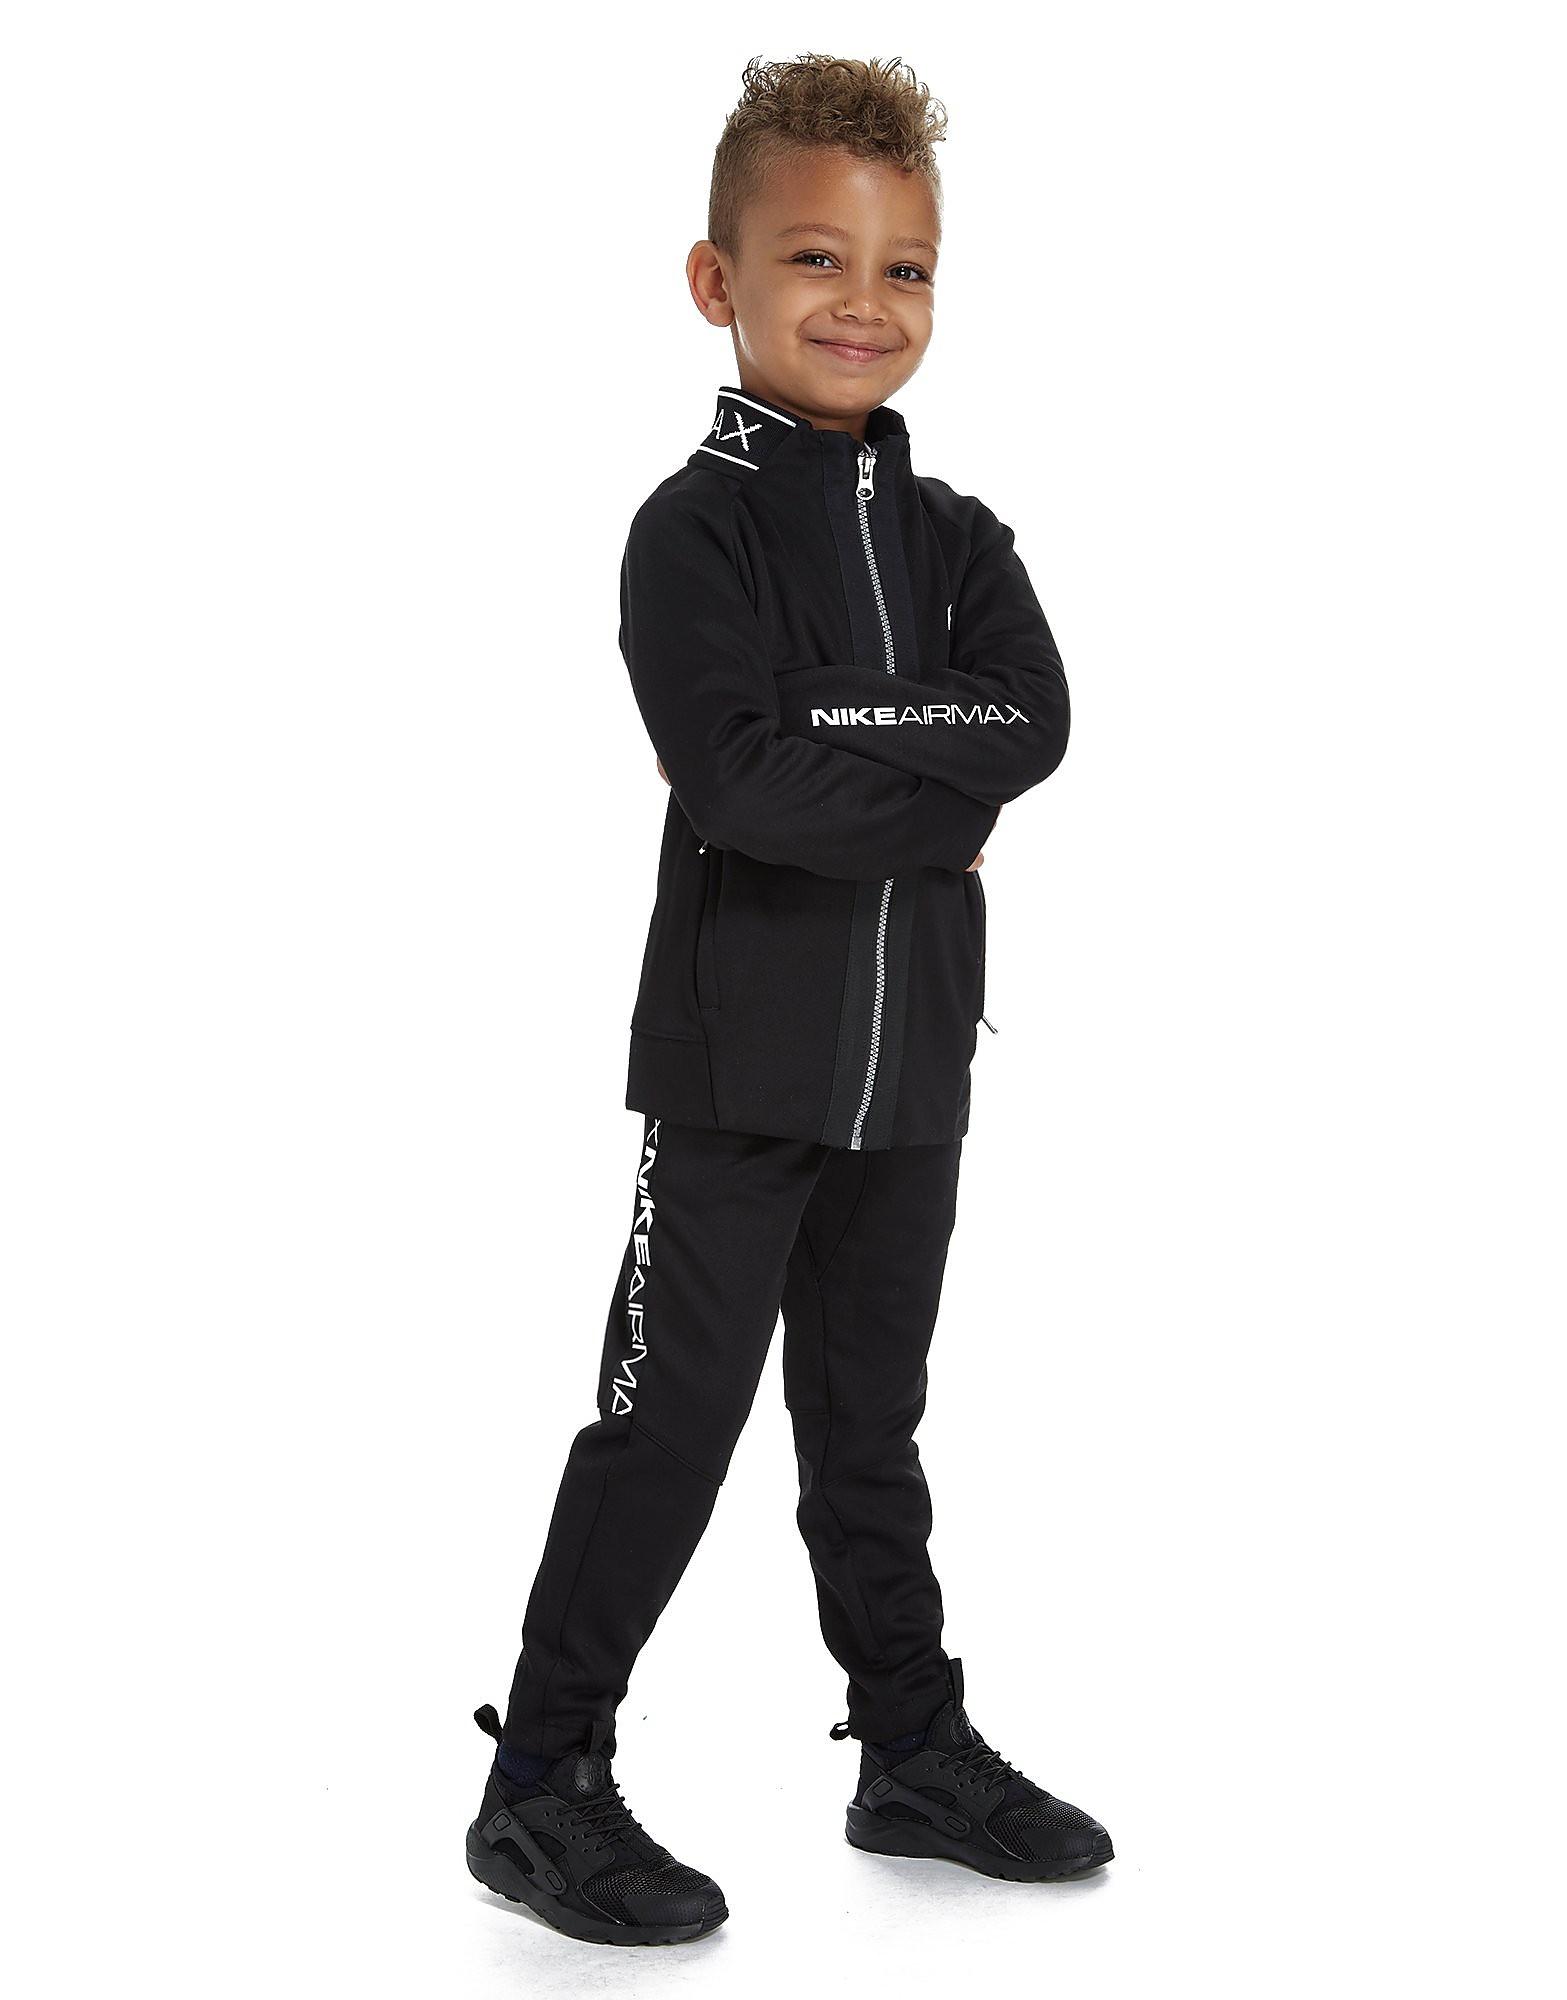 Nike Ensemble Air Max Enfants